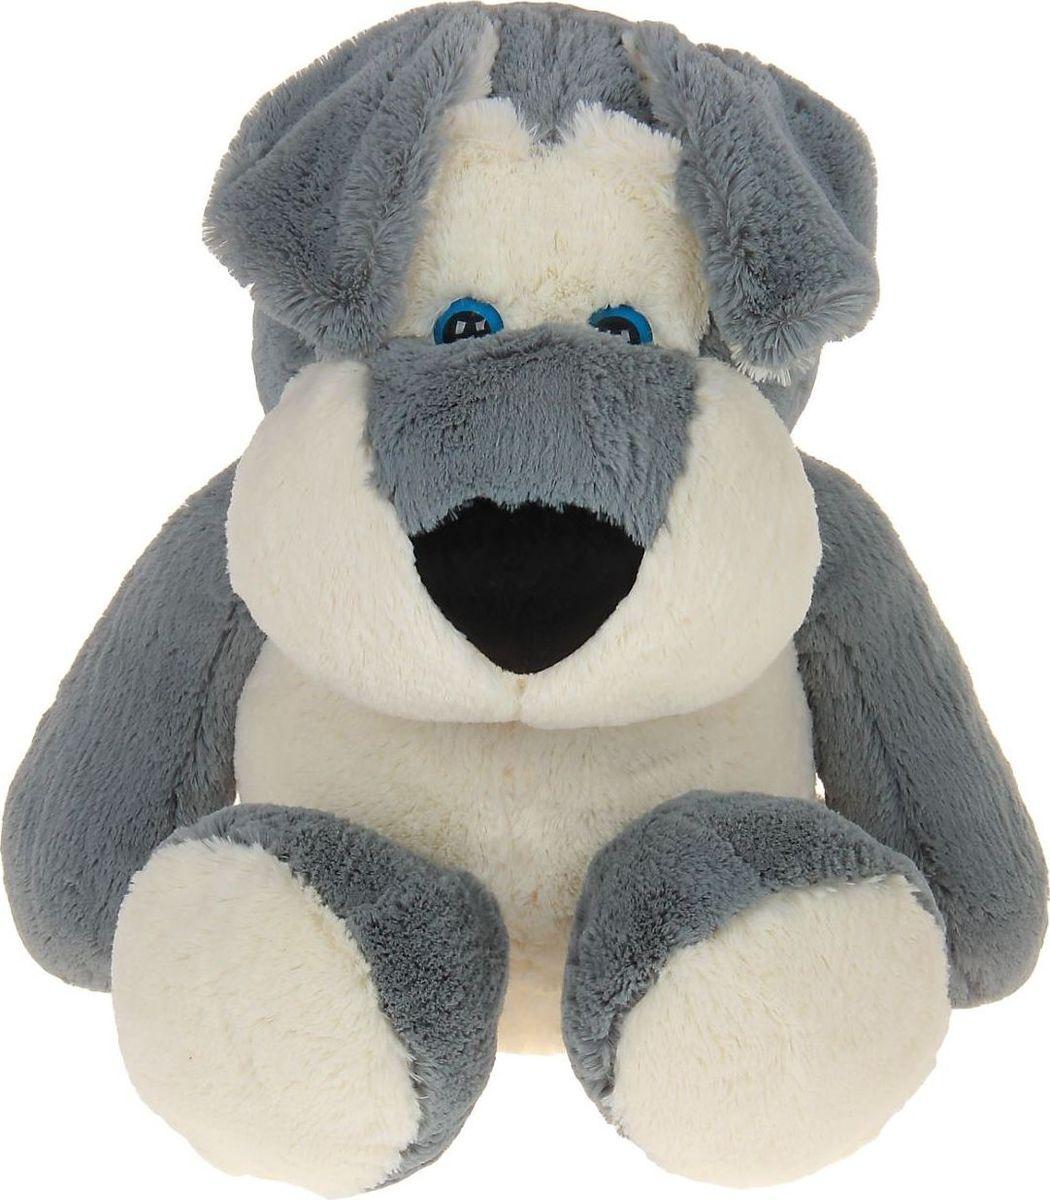 Sima-land Мягкая игрушка Собака Спайк Premium Quality цвет дымчатый 55 см малышарики мягкая игрушка собака бассет хаунд 23 см